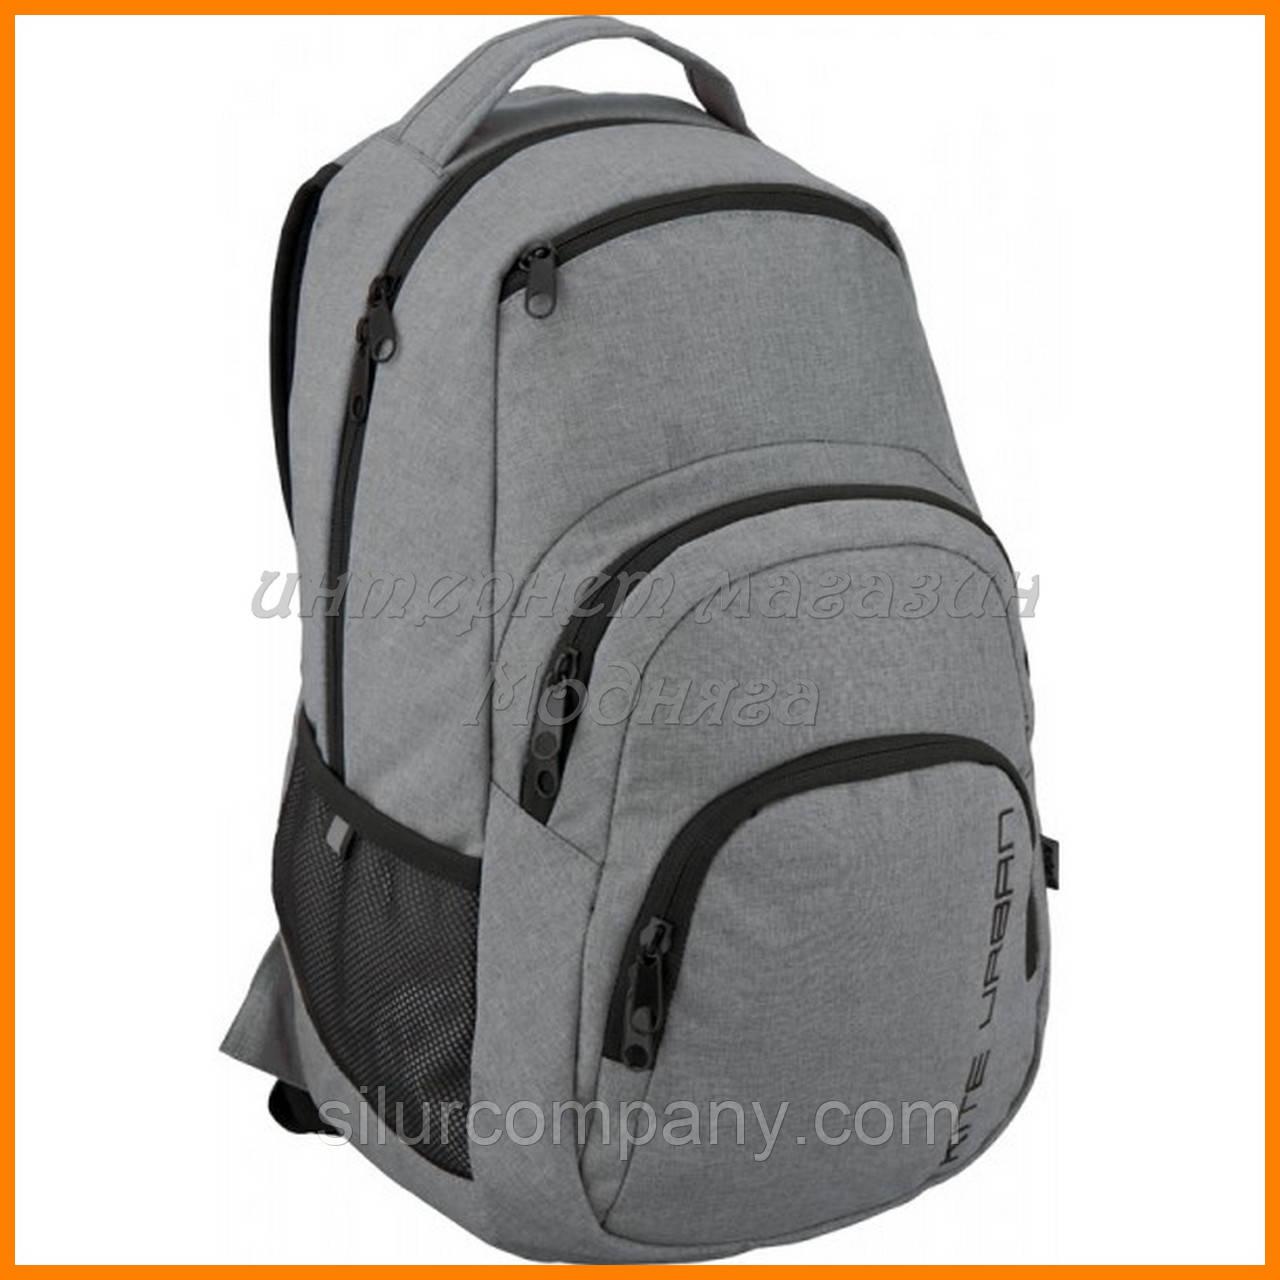 Школьные рюкзаки для пятиклассников рюкзак dakine drafter pack phantom